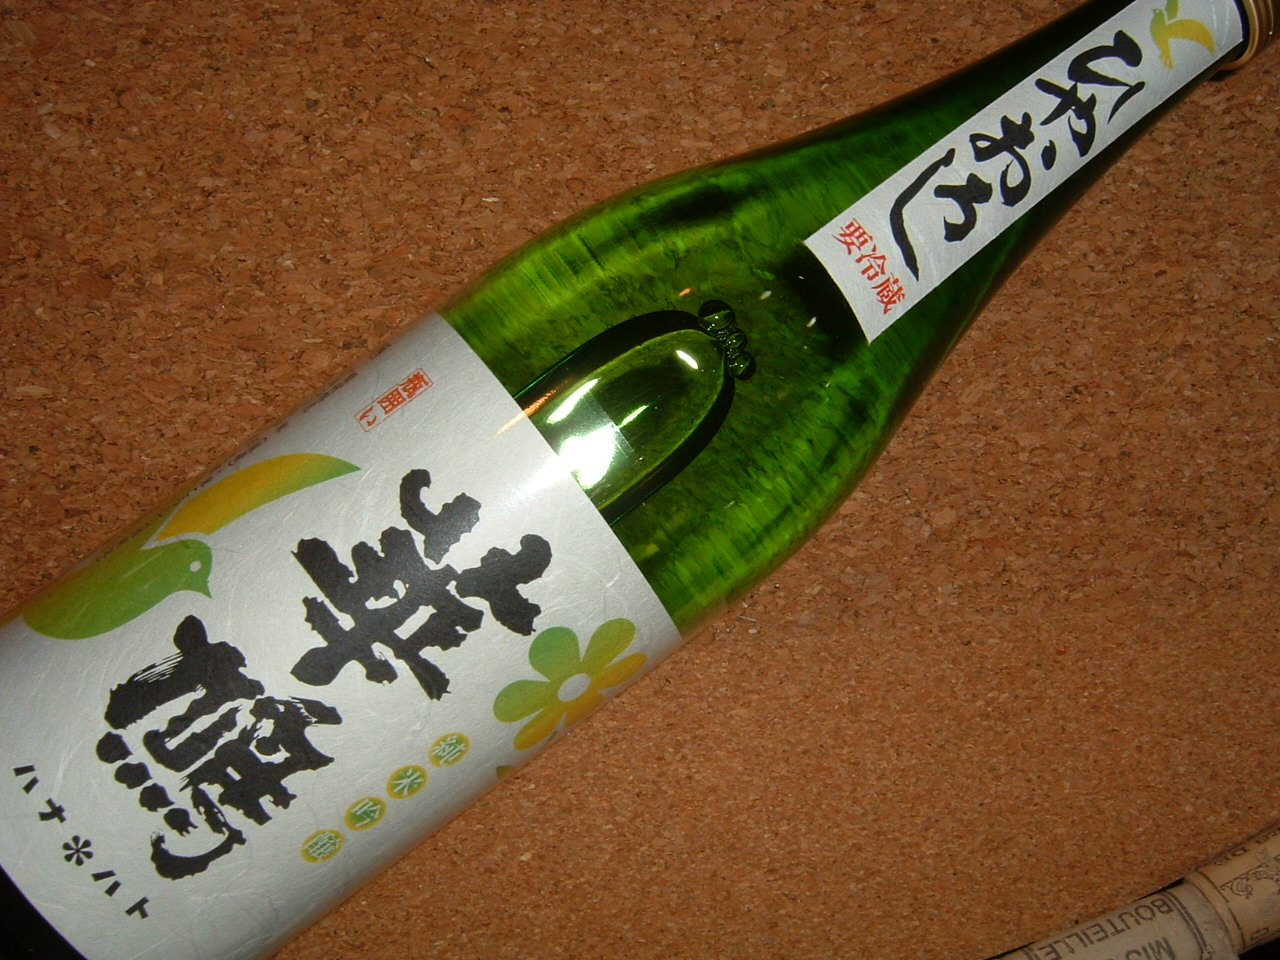 華鳩こいおまち純米吟醸瓶囲いひやおろし720ml